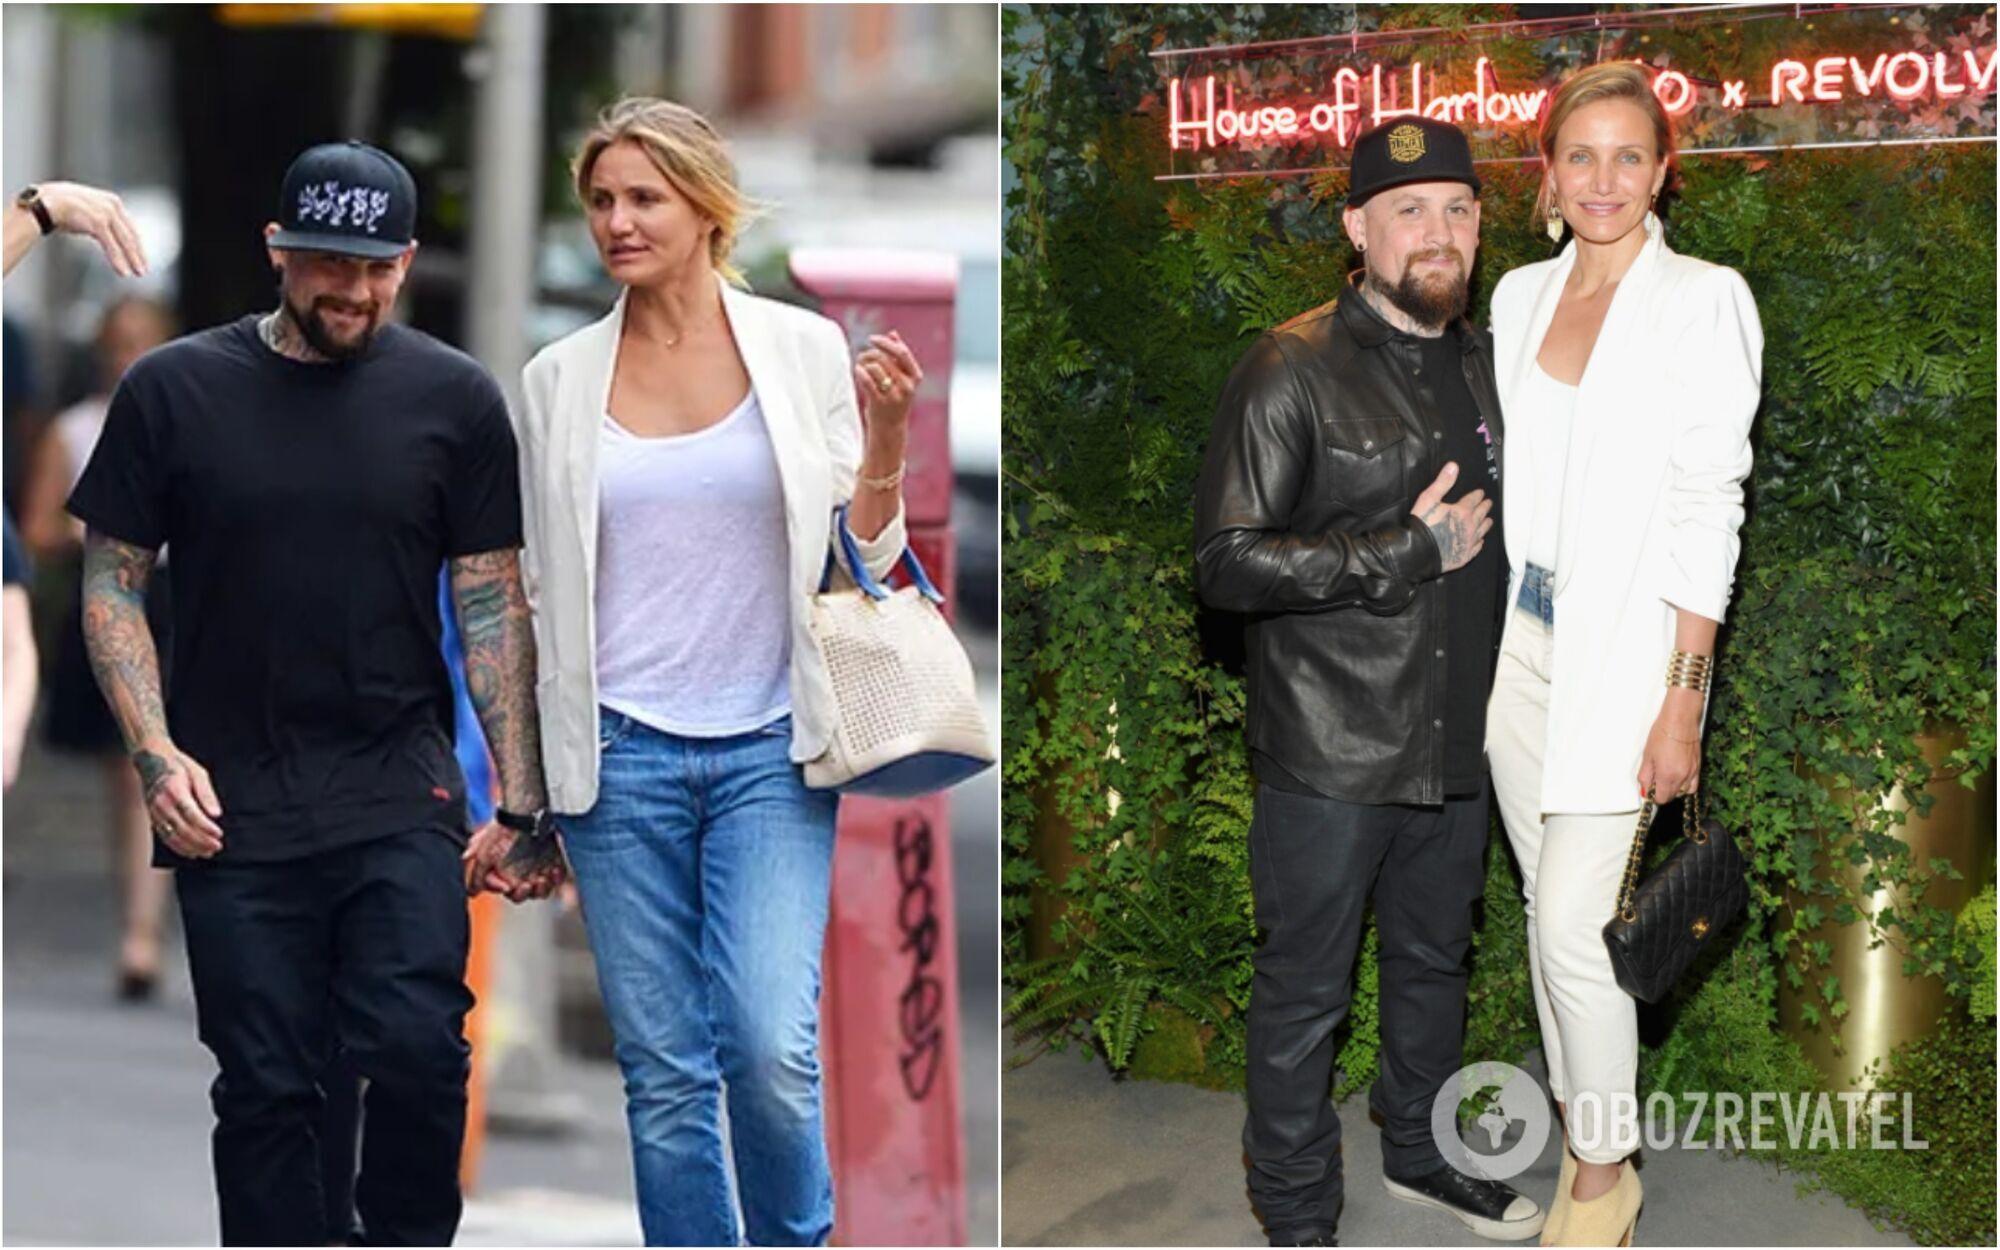 Рост бывшей актрисы Камерон Диаз составляет 174 см, а ее мужа – 168 см